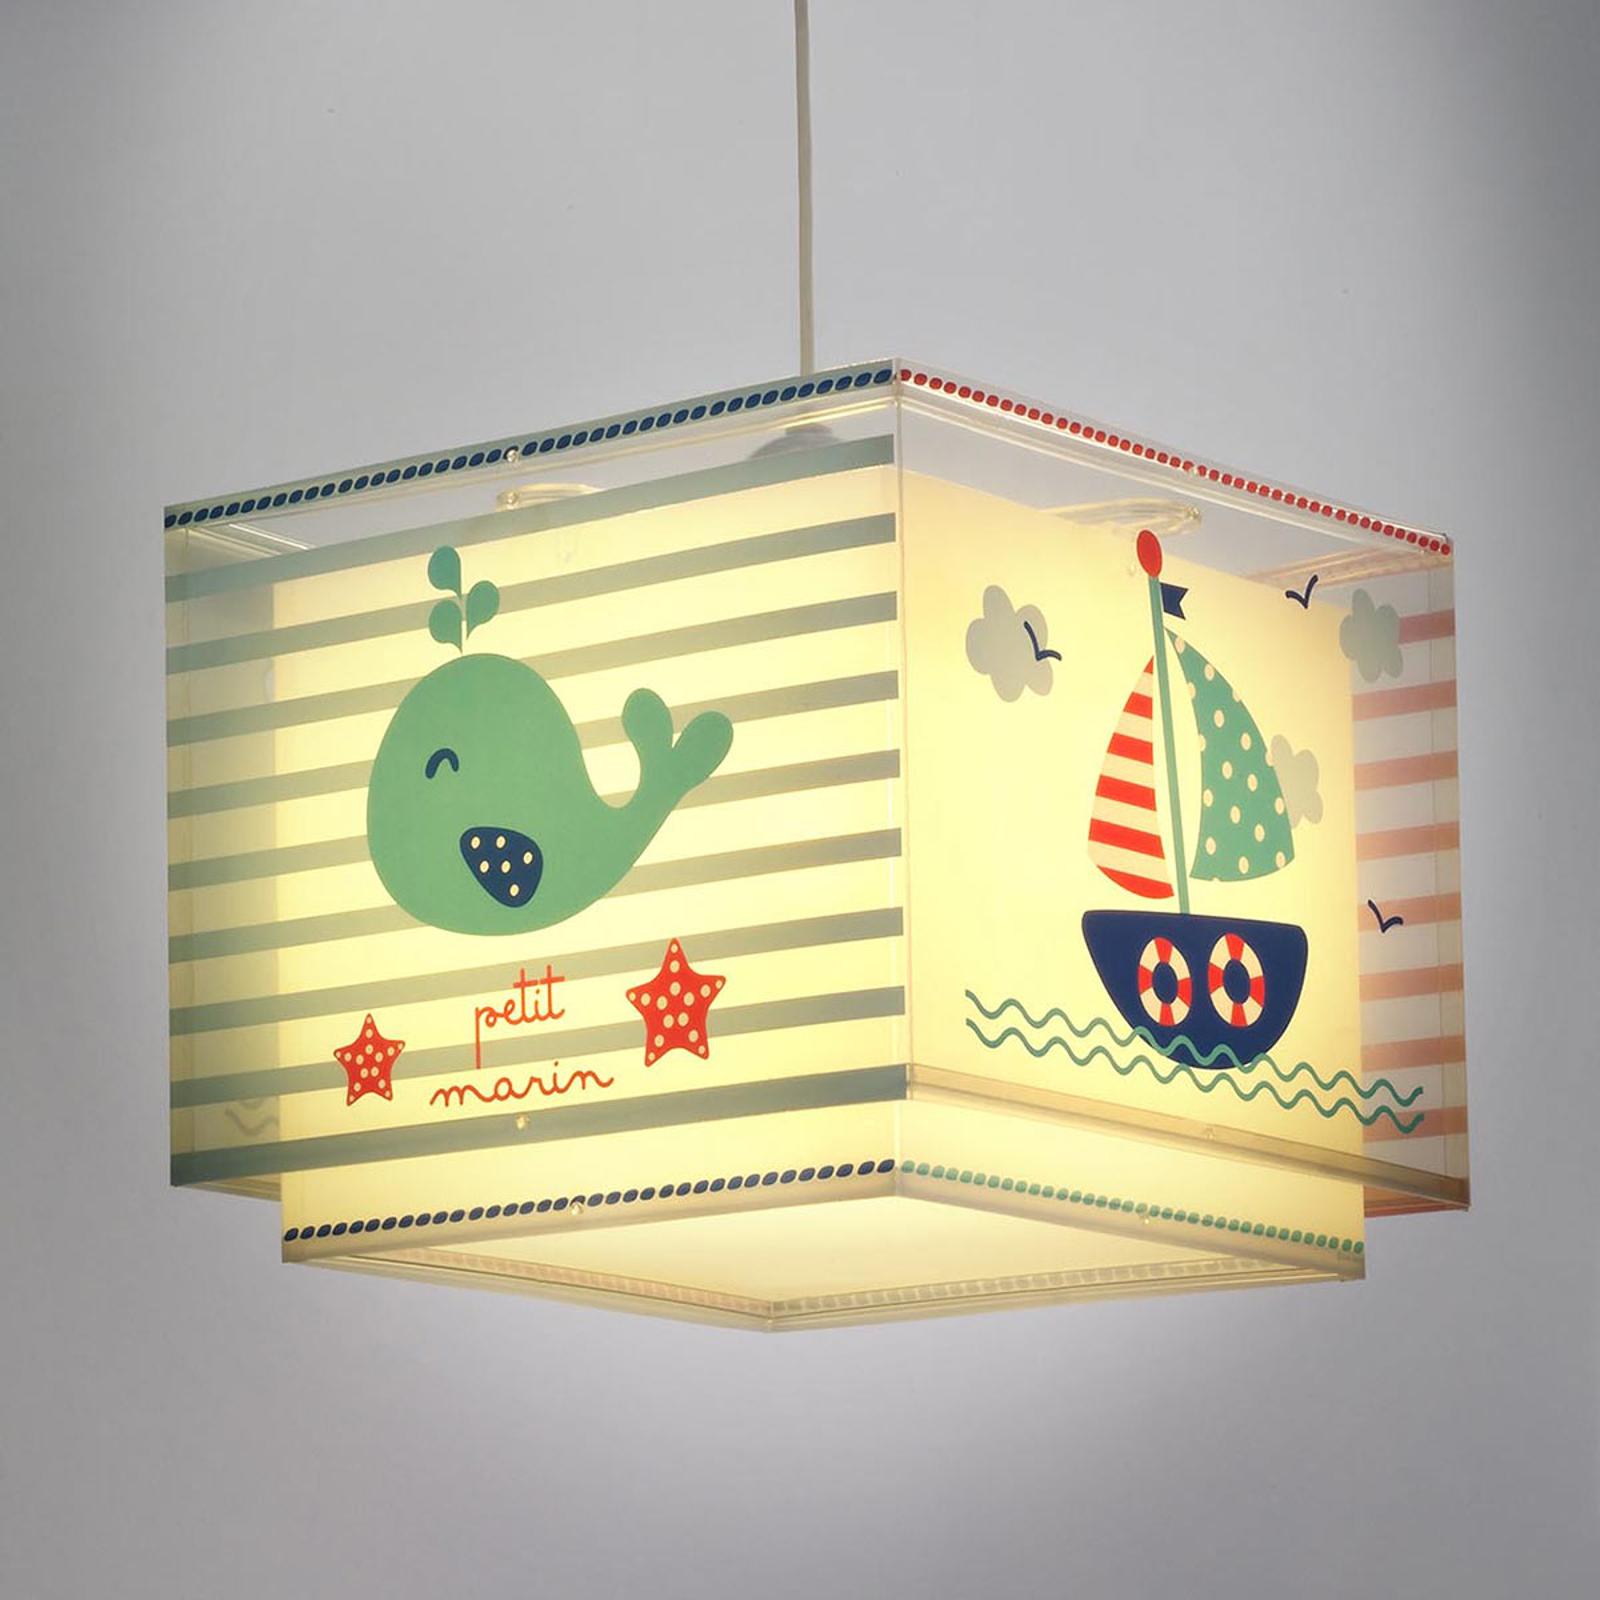 Marynistyczna dziecięca lampa wisząca Petit marin